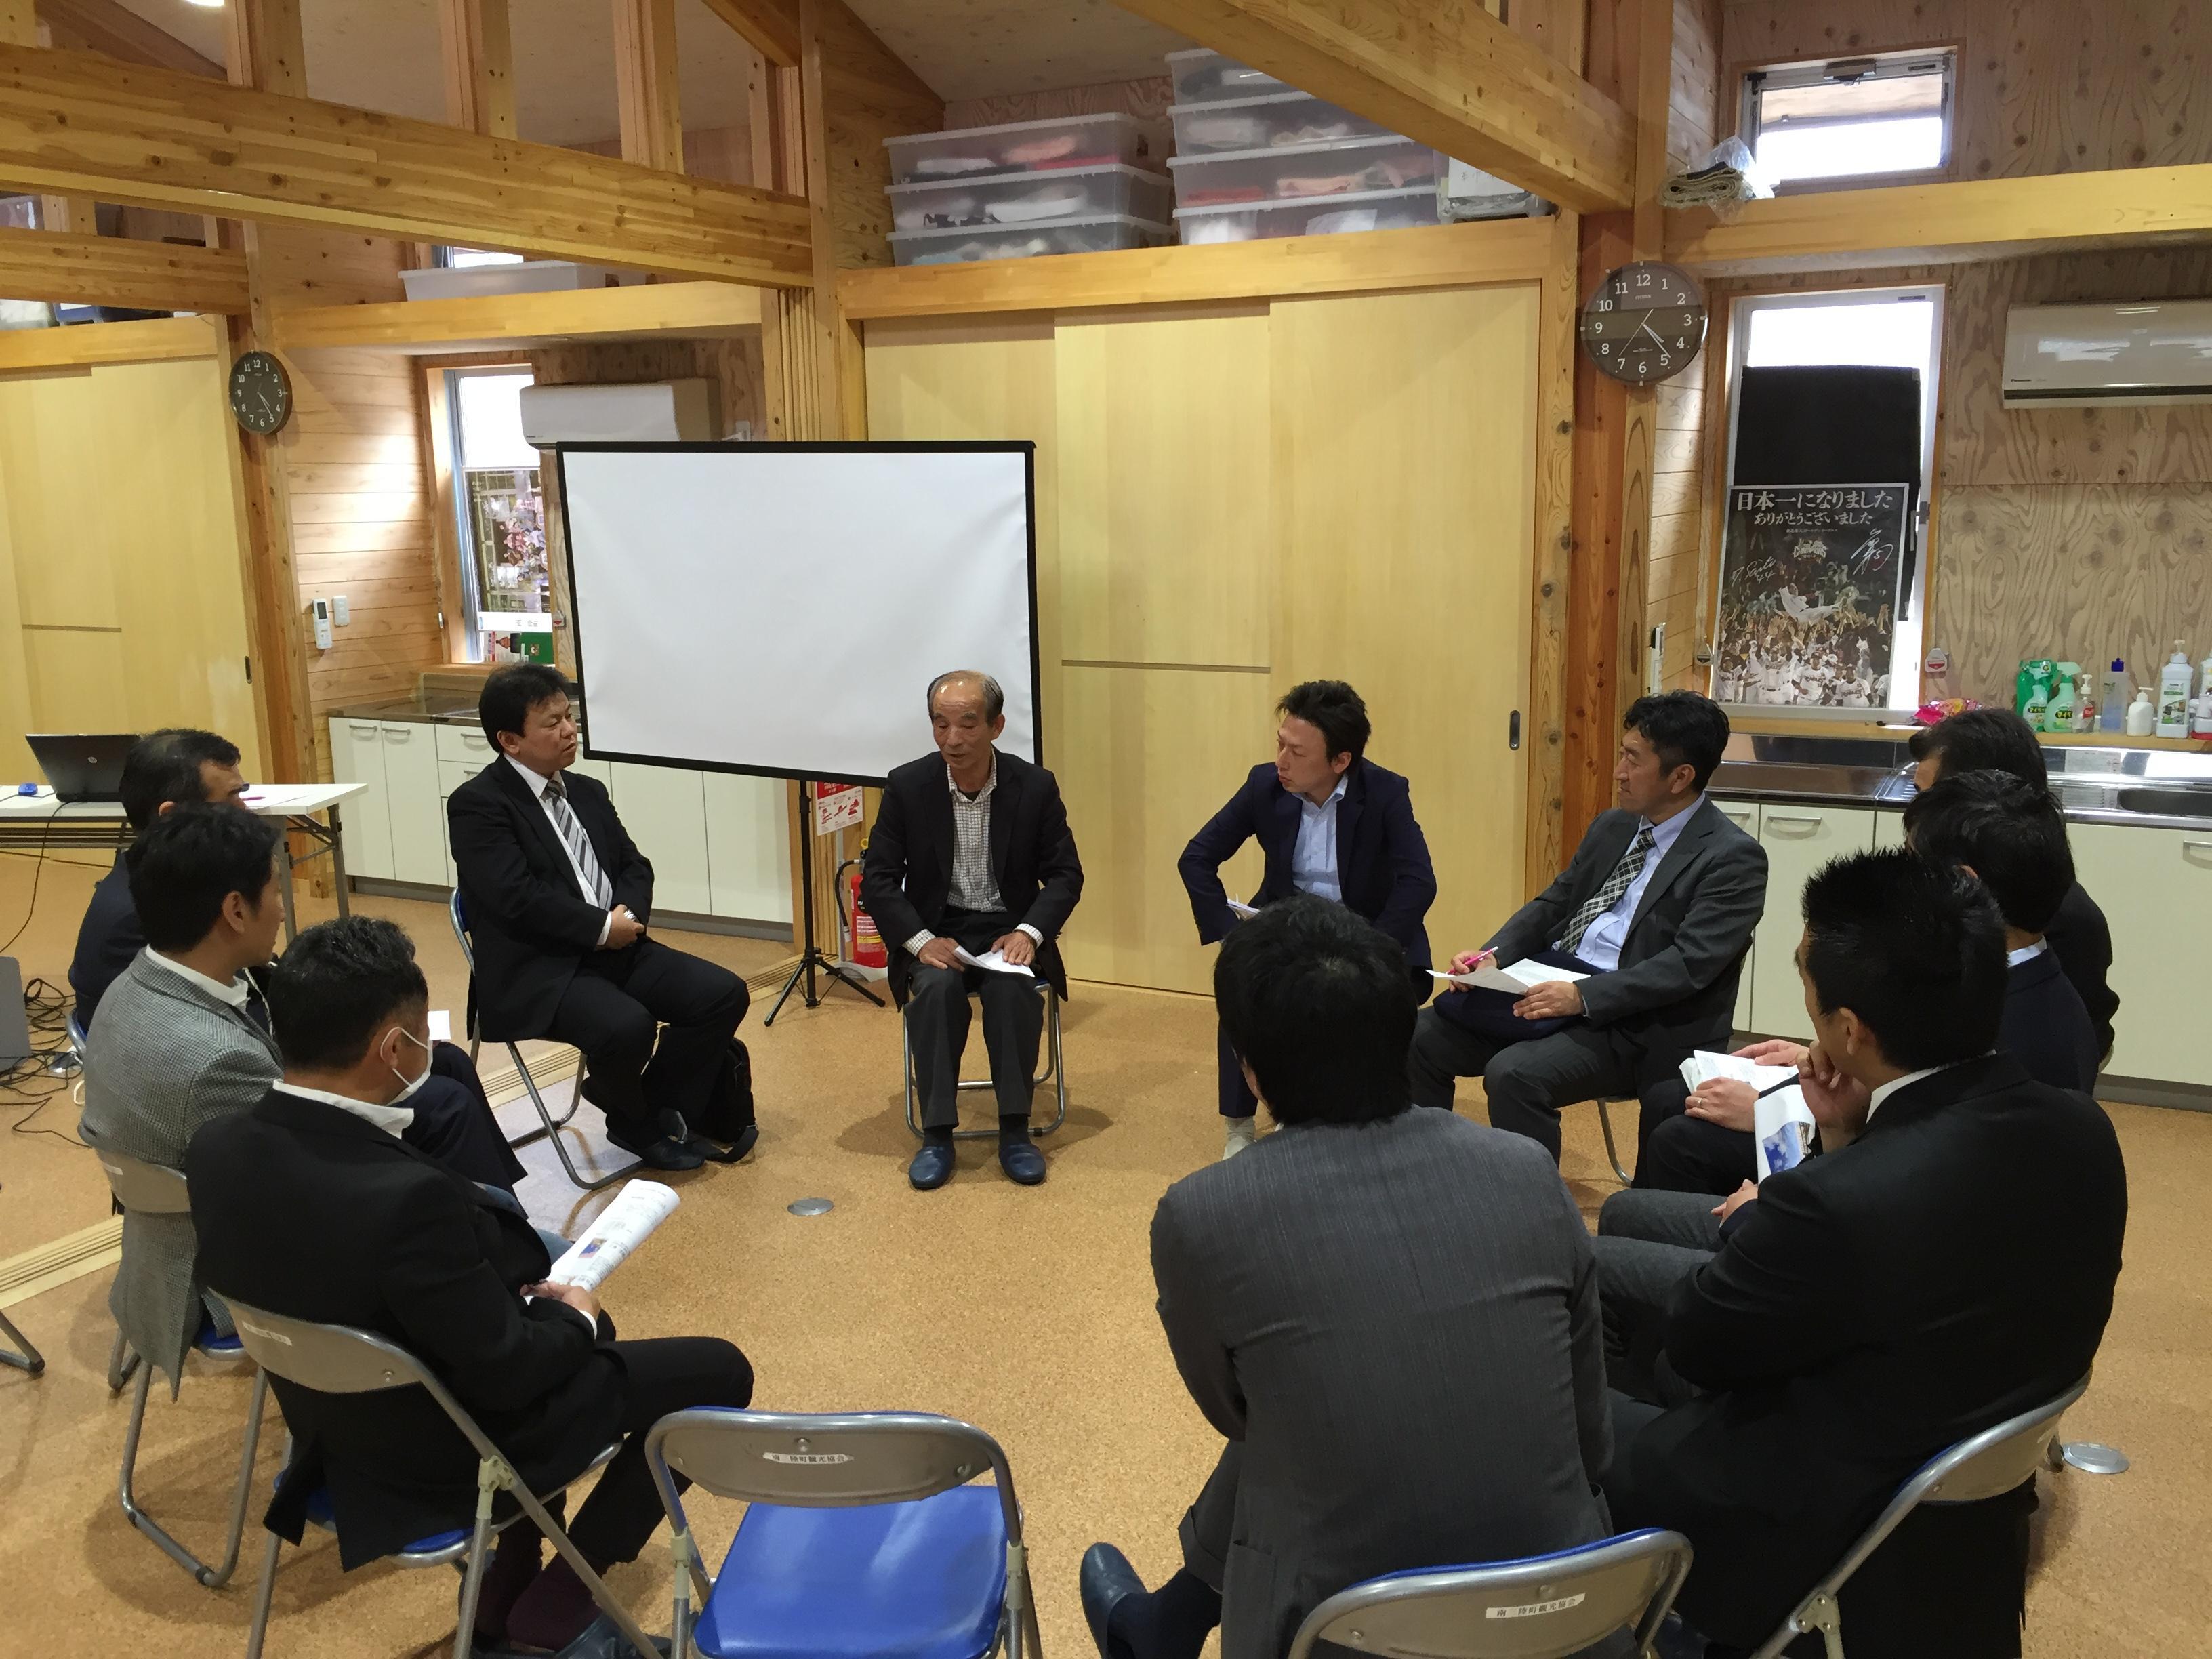 座談会の模様です。真ん中にいるのがアストロテック代表佐藤秋夫様です。